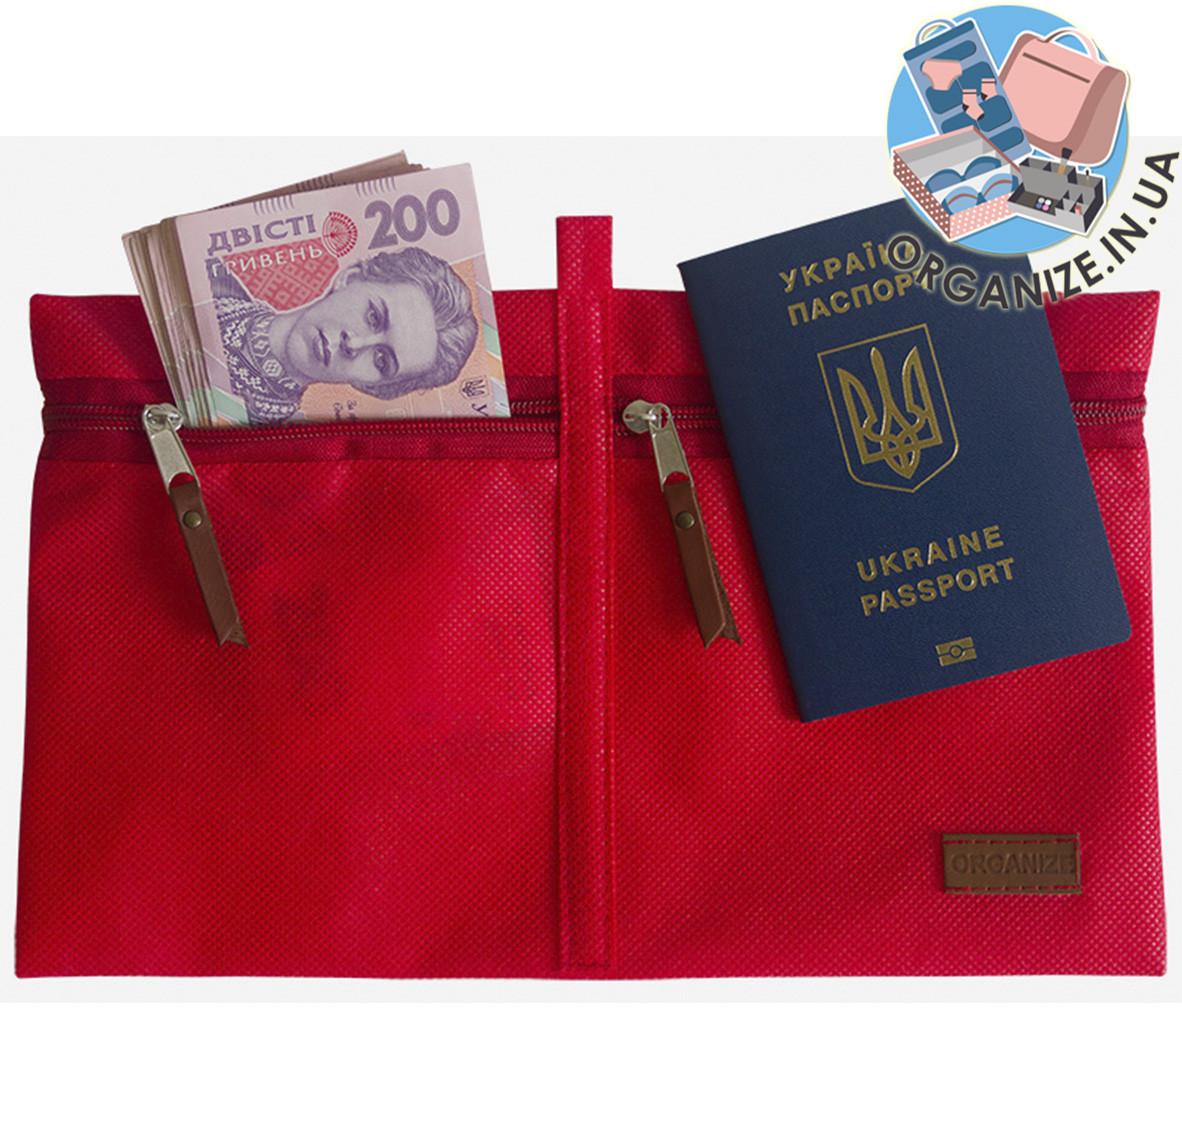 Дорожный органайзер для документов и билетов ORGANIZE (красный)